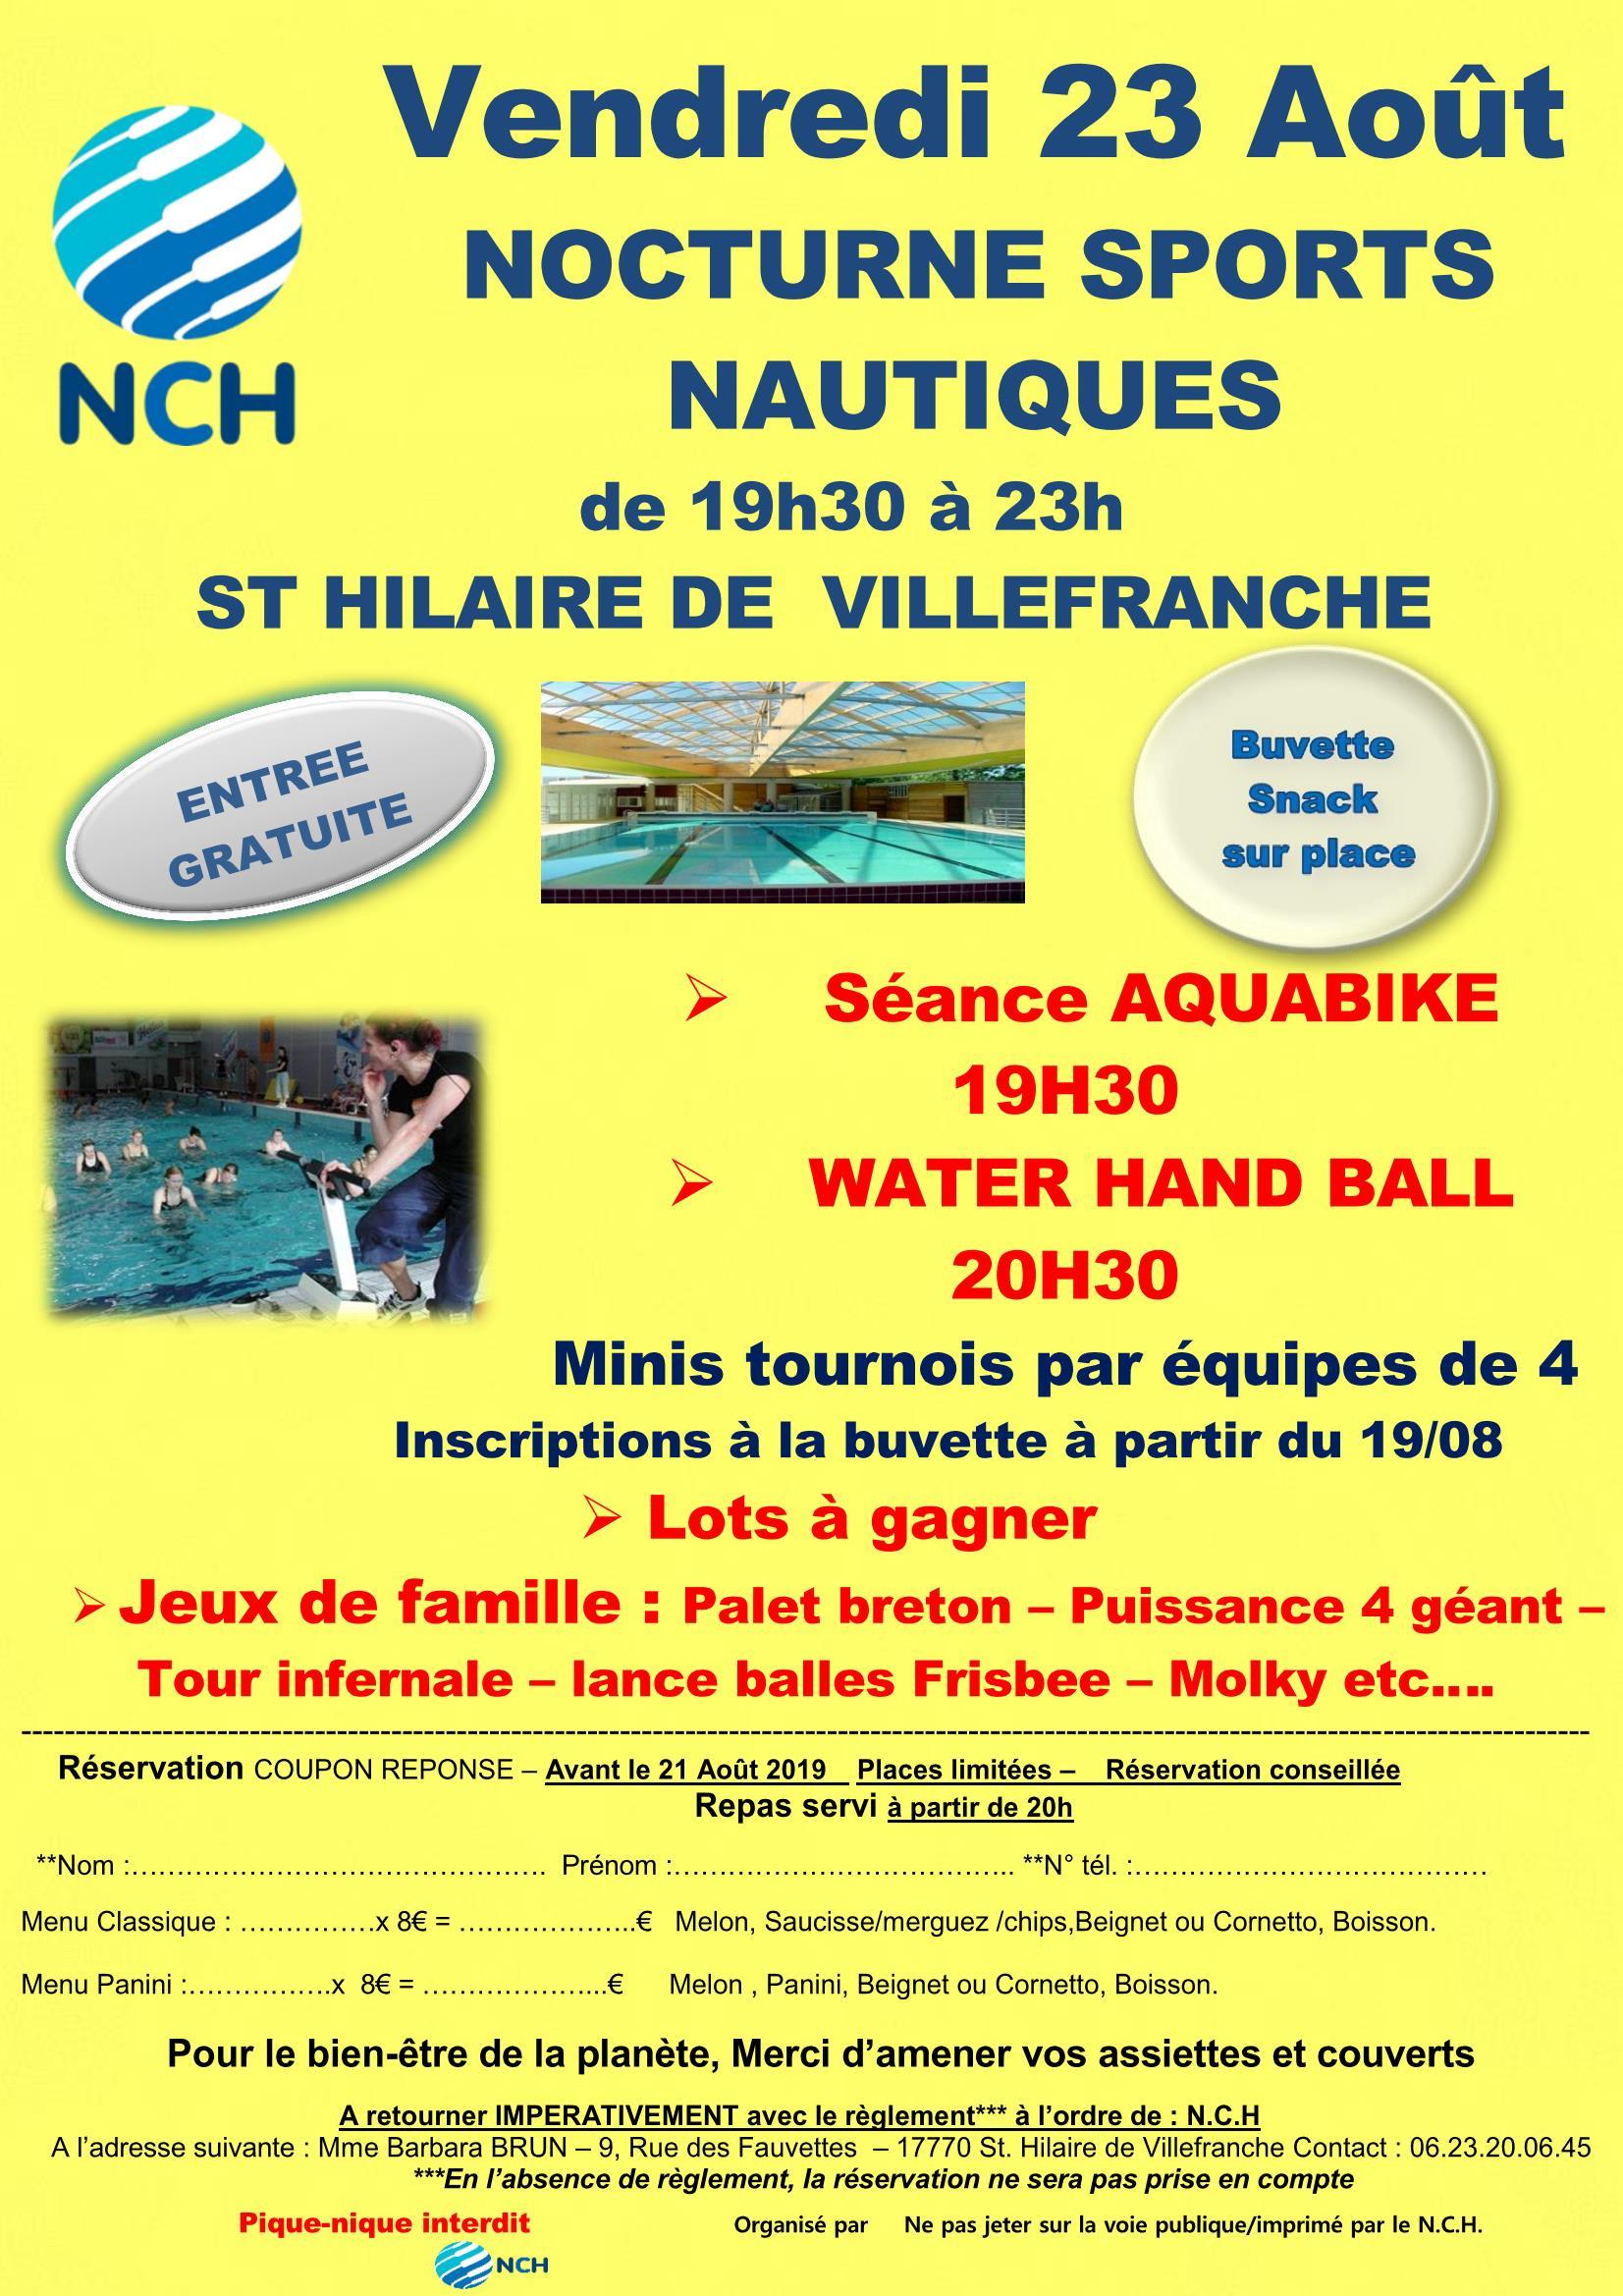 190712 jaune AFFICHE NOCTURNES 2019aout_Page_1